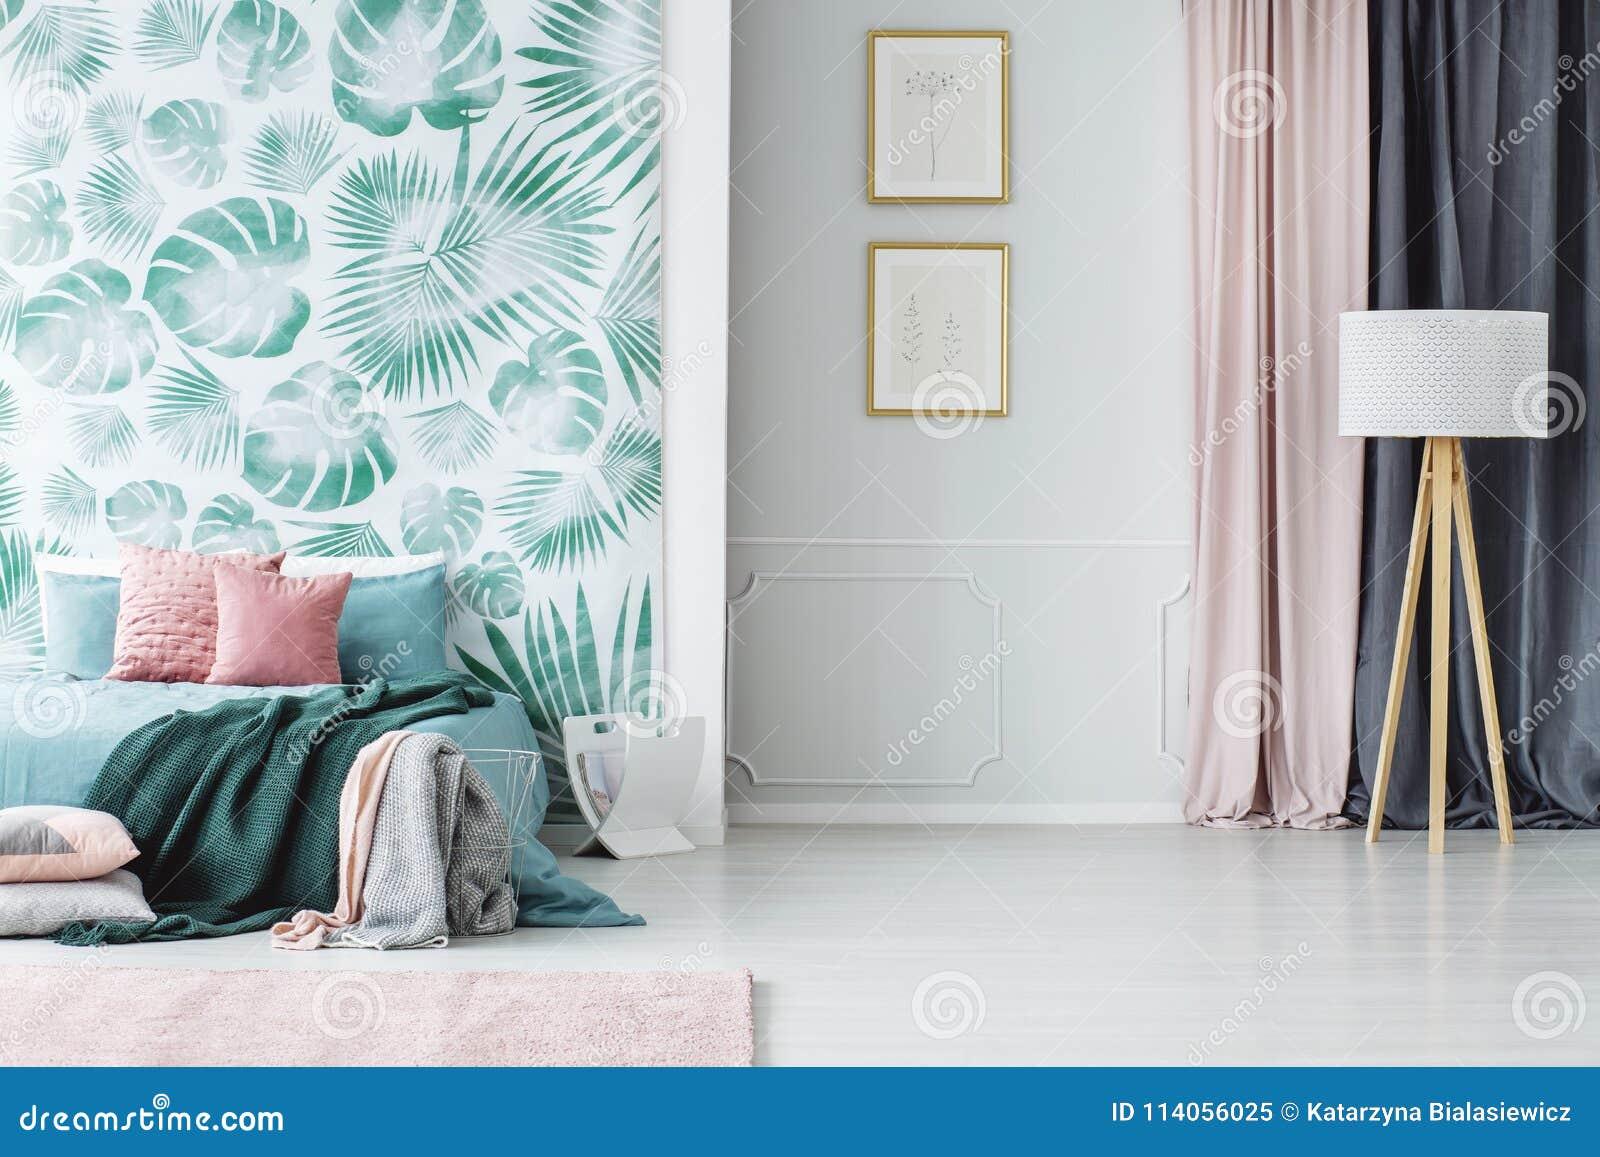 Camera Da Letto Verde E Rosa : Camera da letto verde e rosa accogliente immagine stock